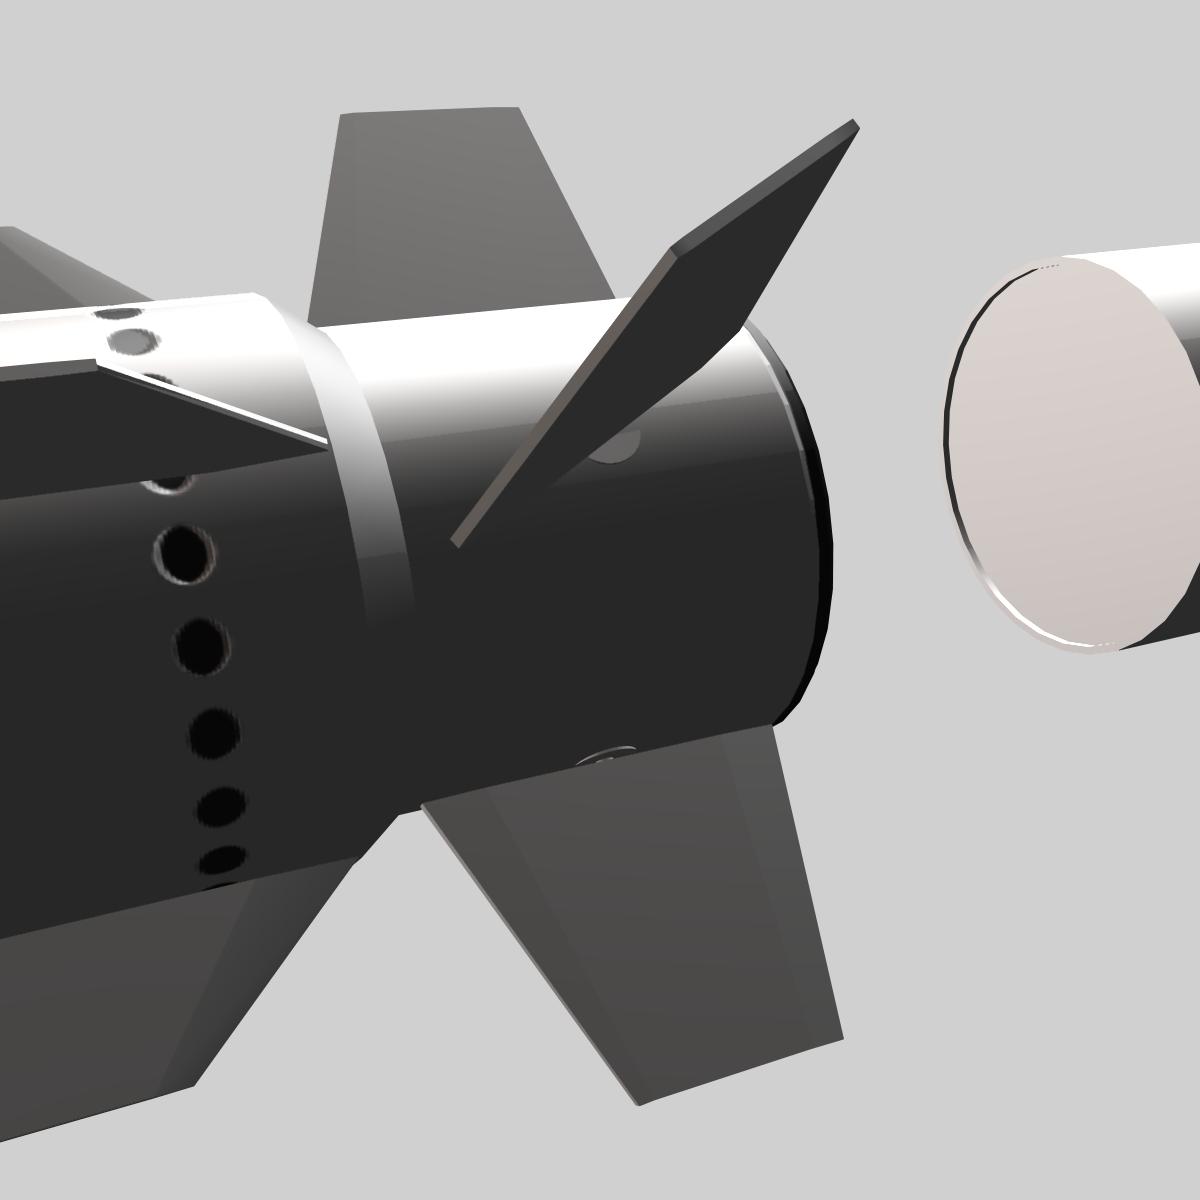 RIM-162 ESSM Missile 3d model 3ds dxf fbx blend cob dae X  obj 166024